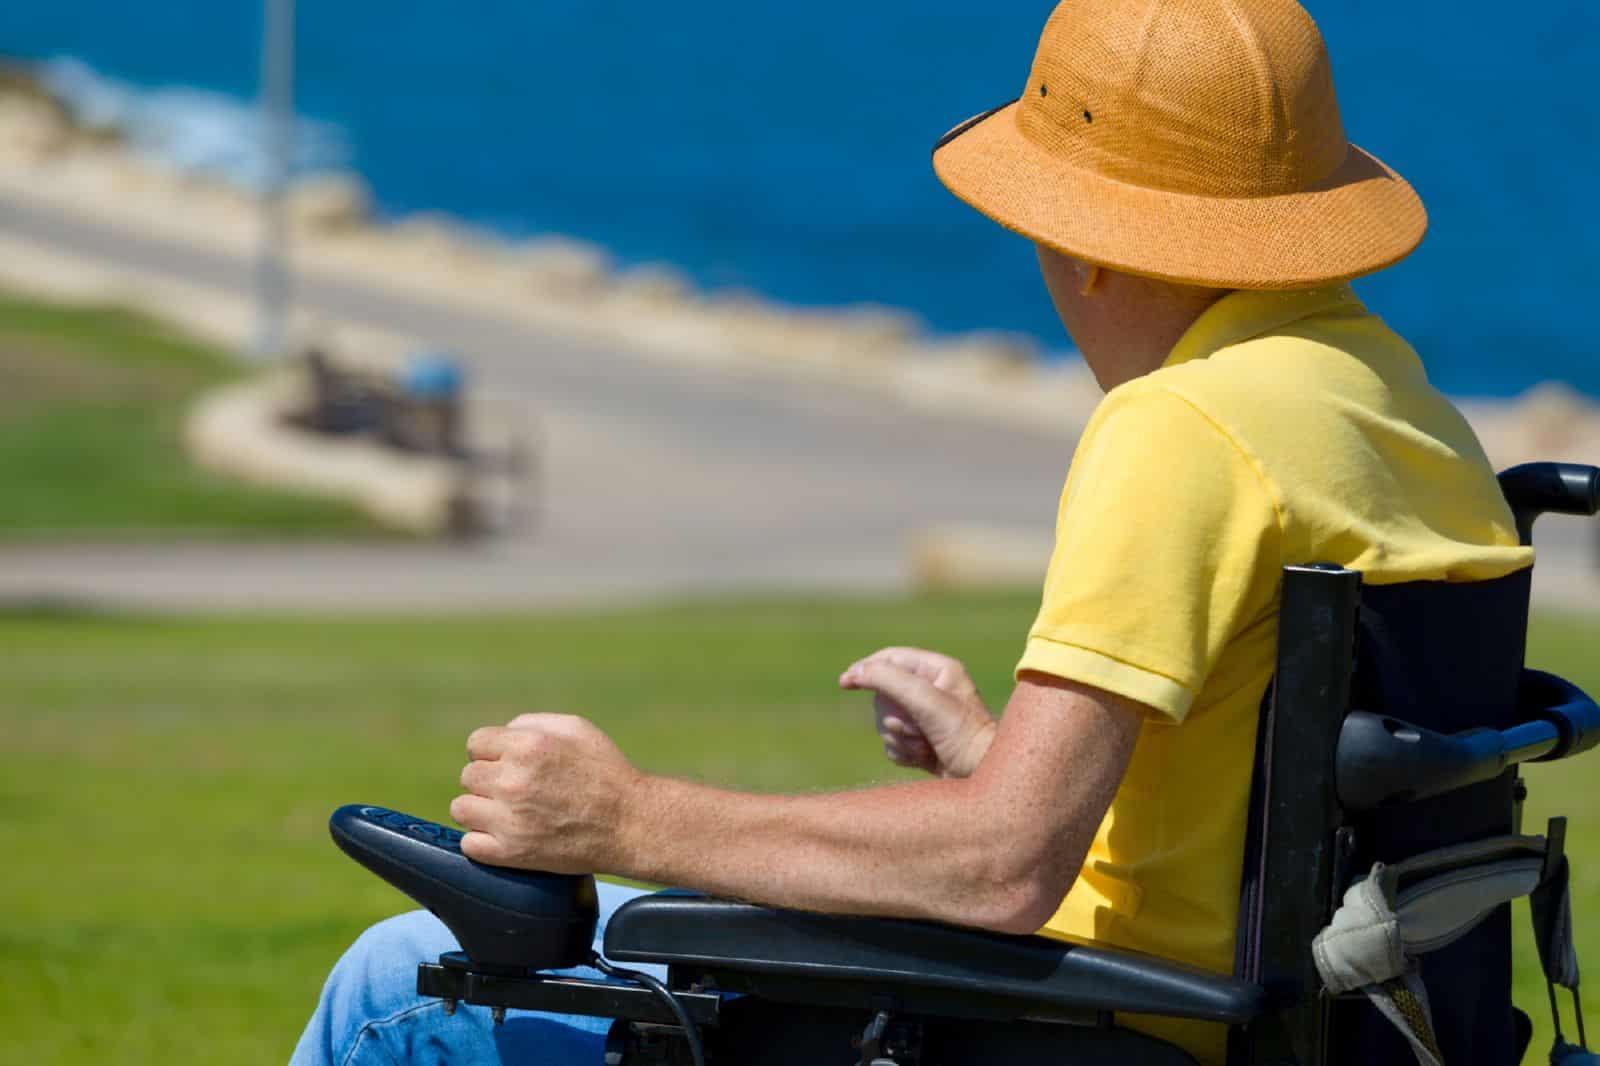 Предоставление льгот по налогу на землю для инвалидов